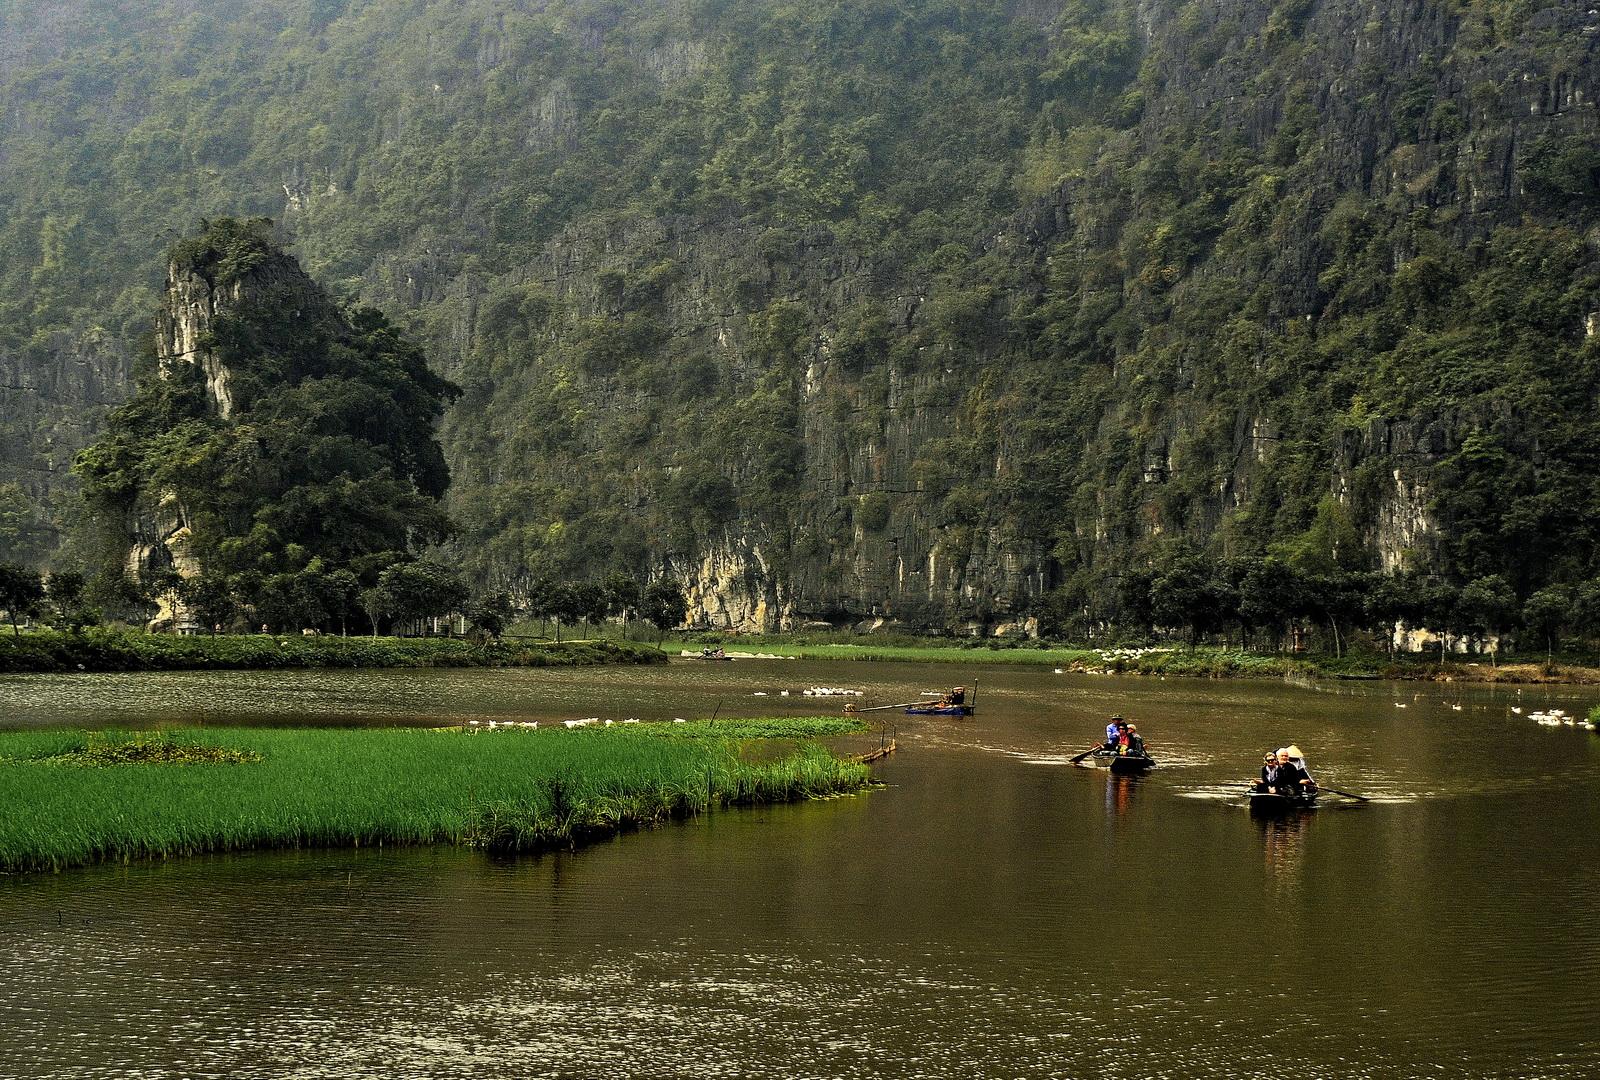 Vietnam, Trang An landscape